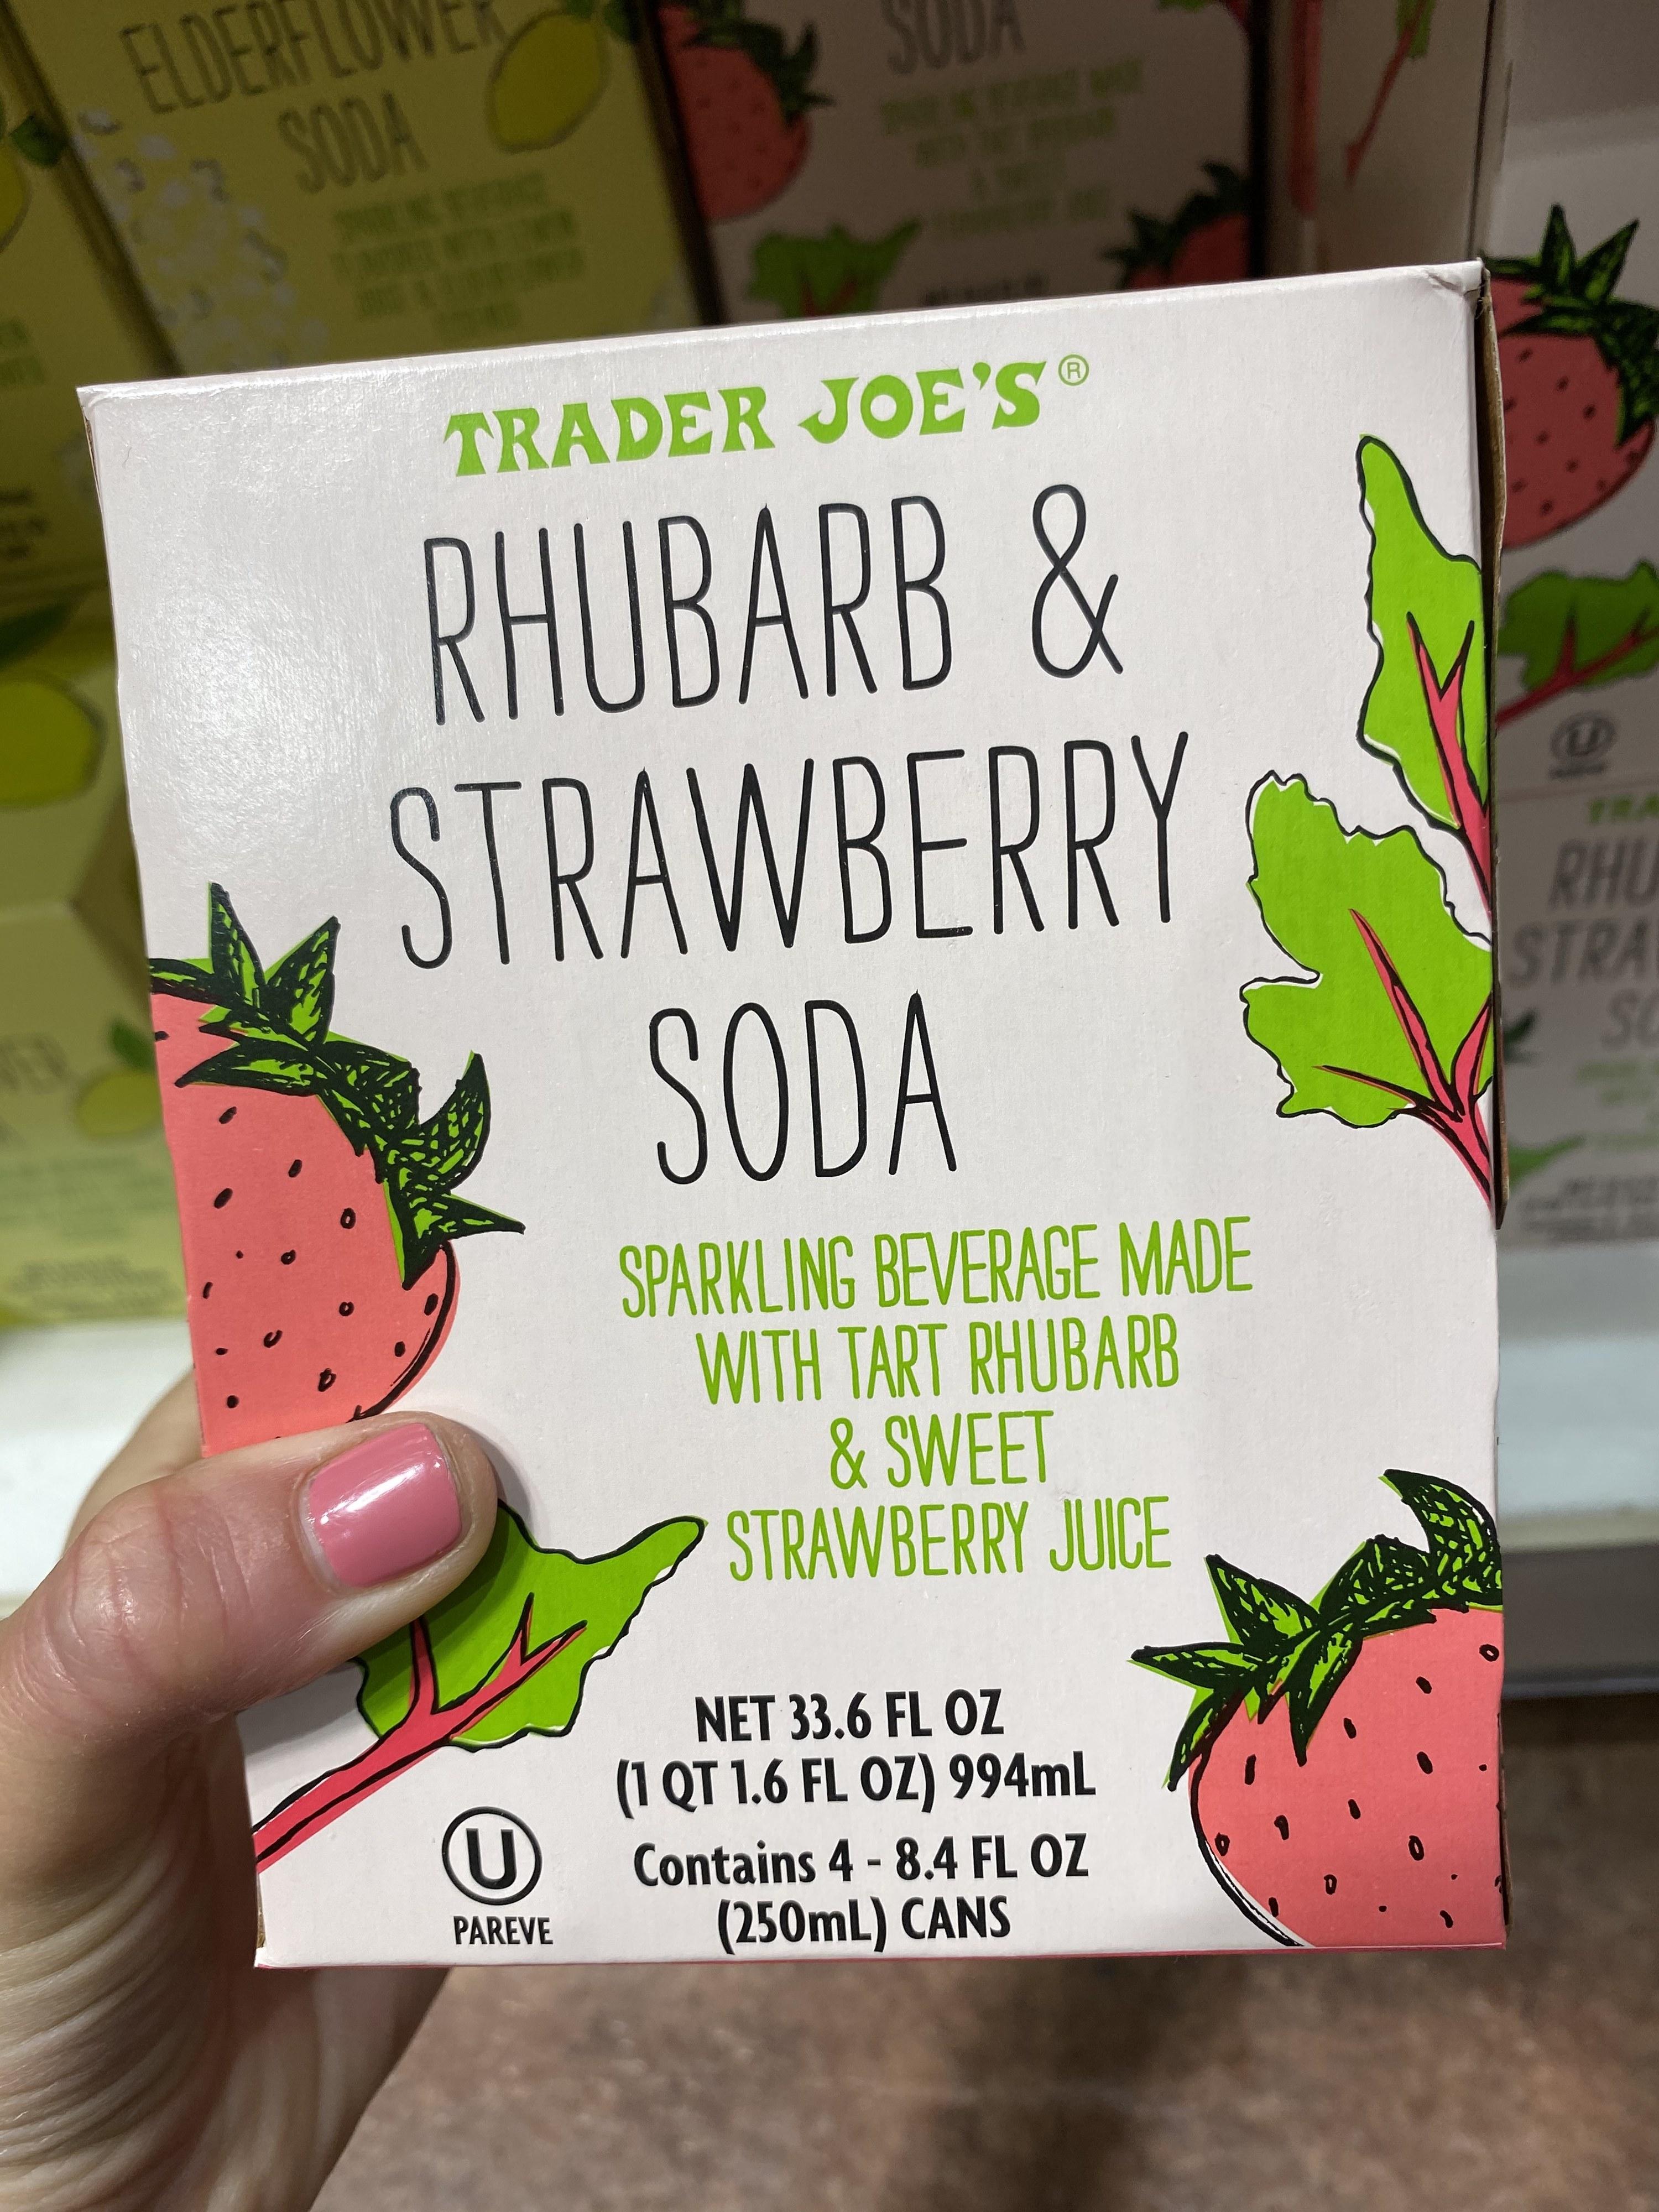 A box of Rhubarb & Strawberry Soda cans.